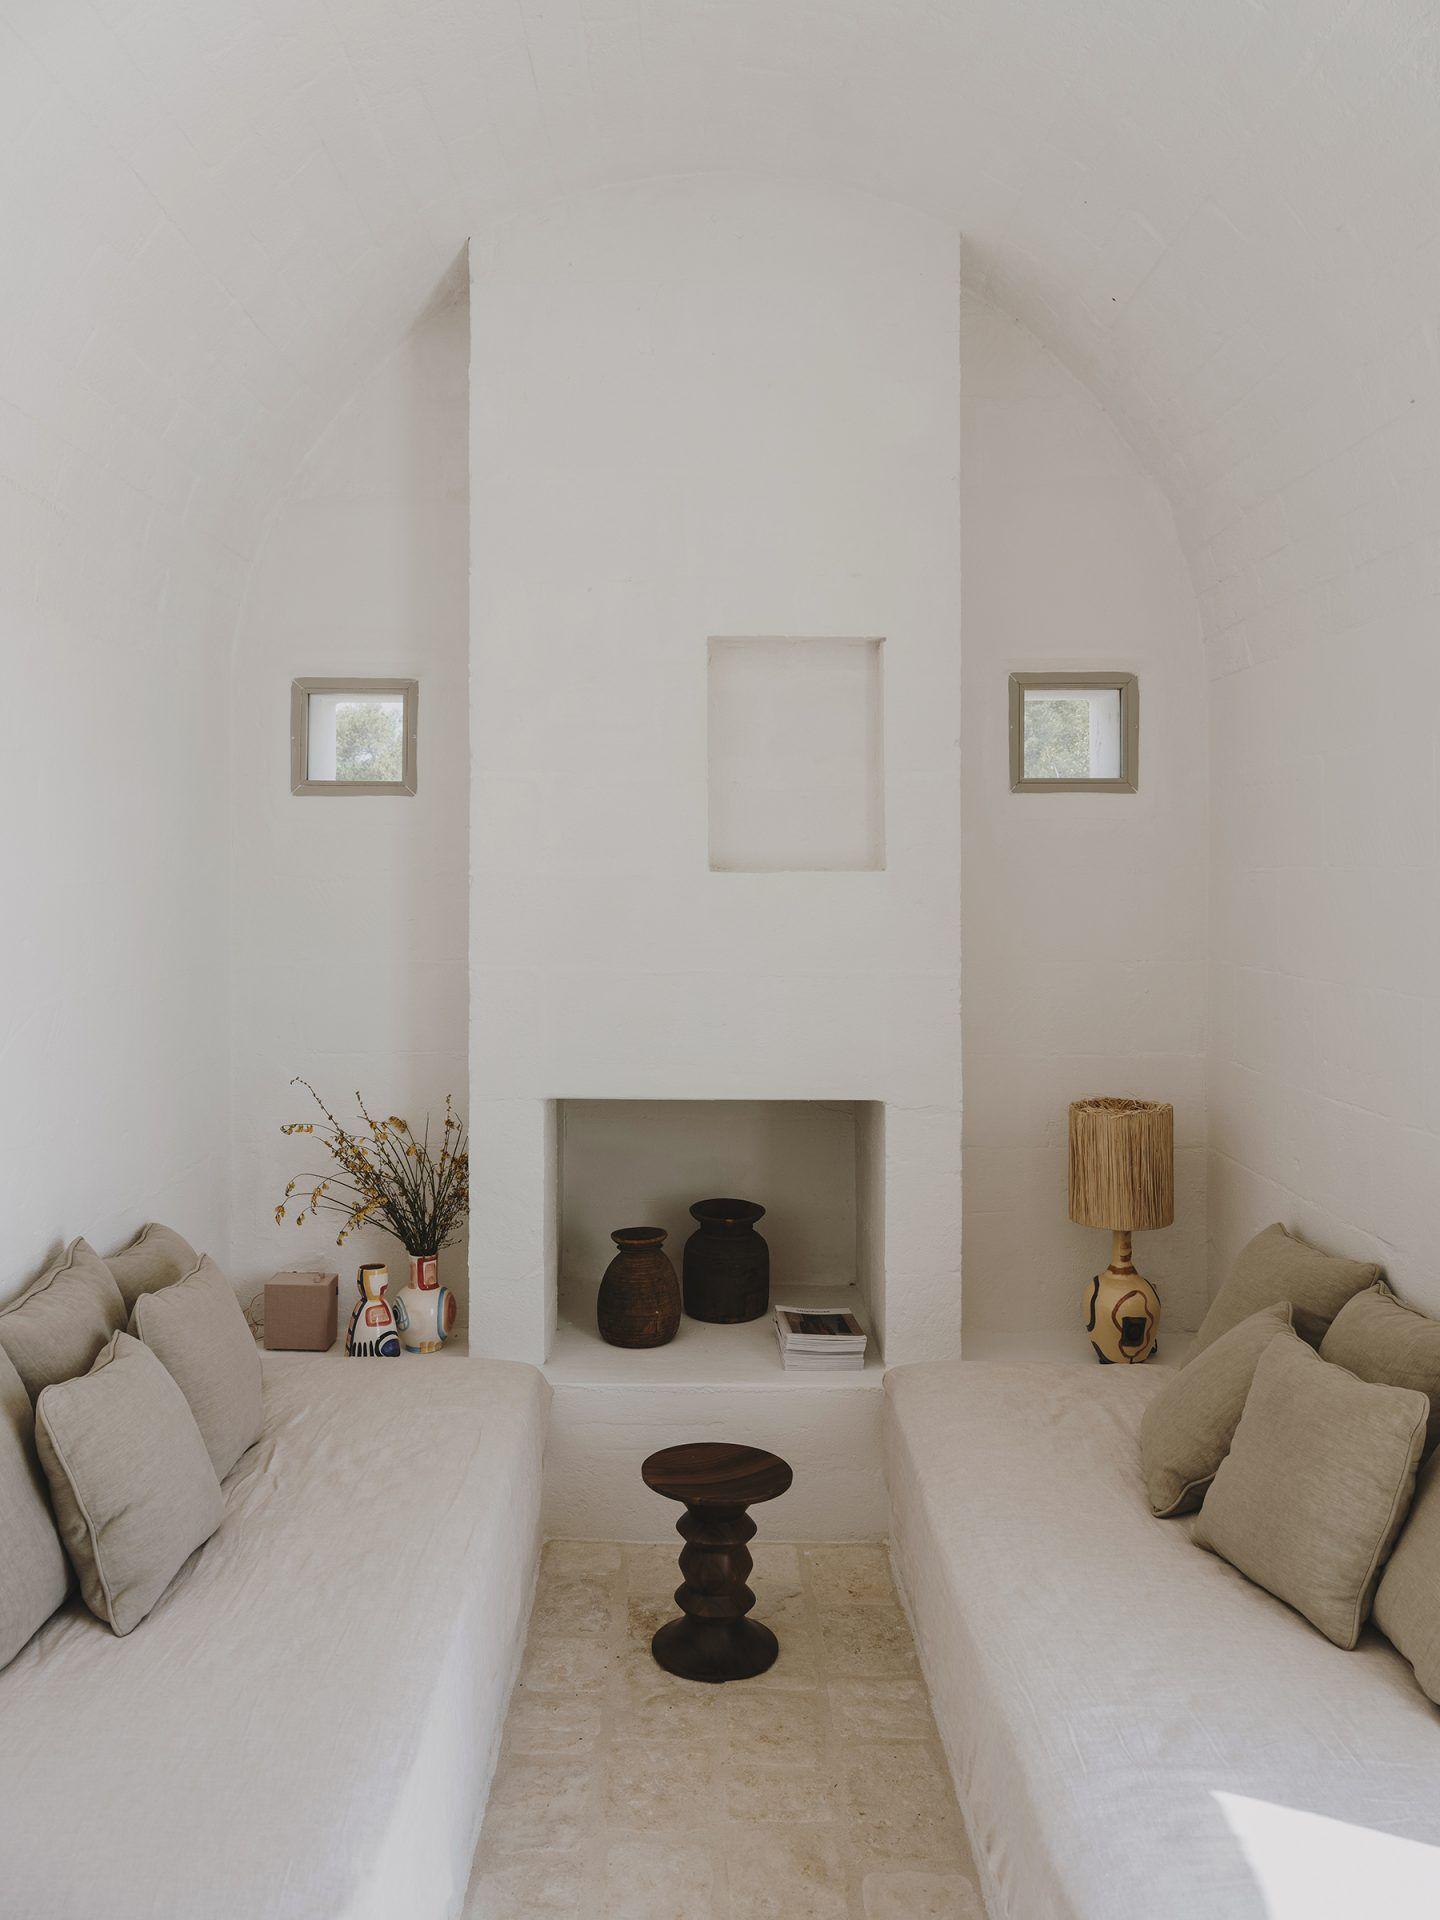 IGNANT-Architecture-Andrew-Trotter-Villa-Cardo-15